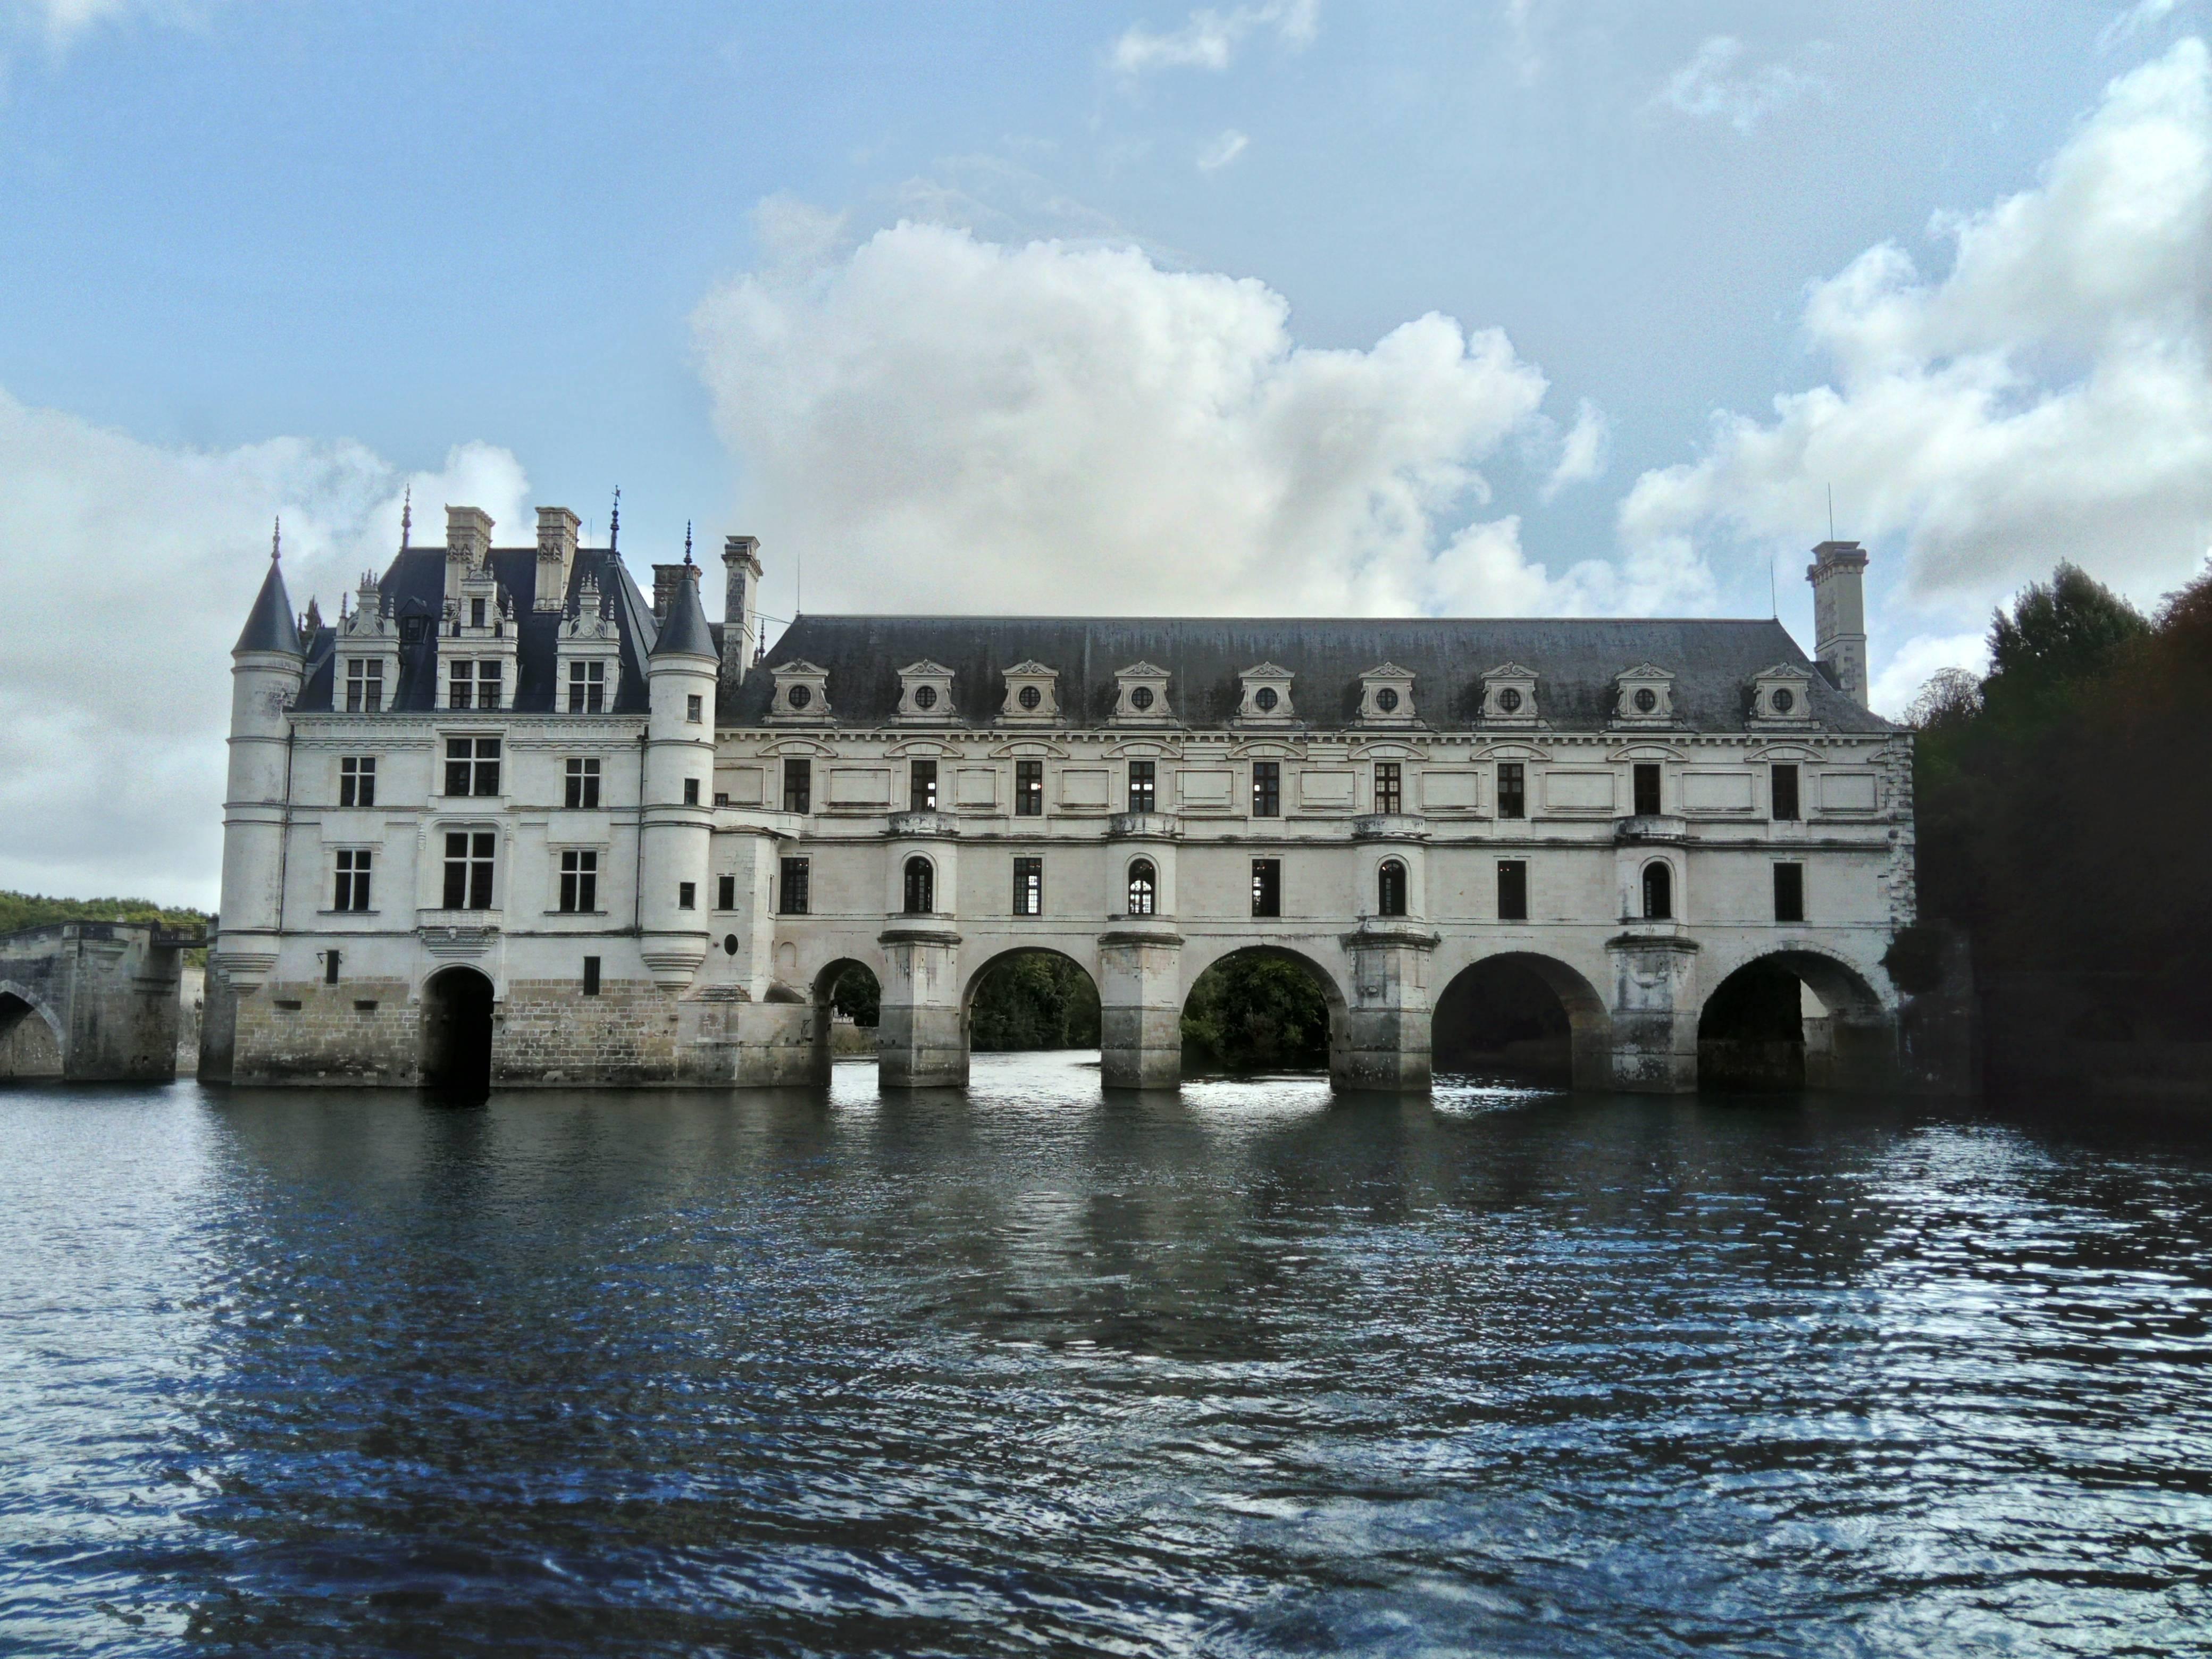 Photo 1: château de Chenonceau